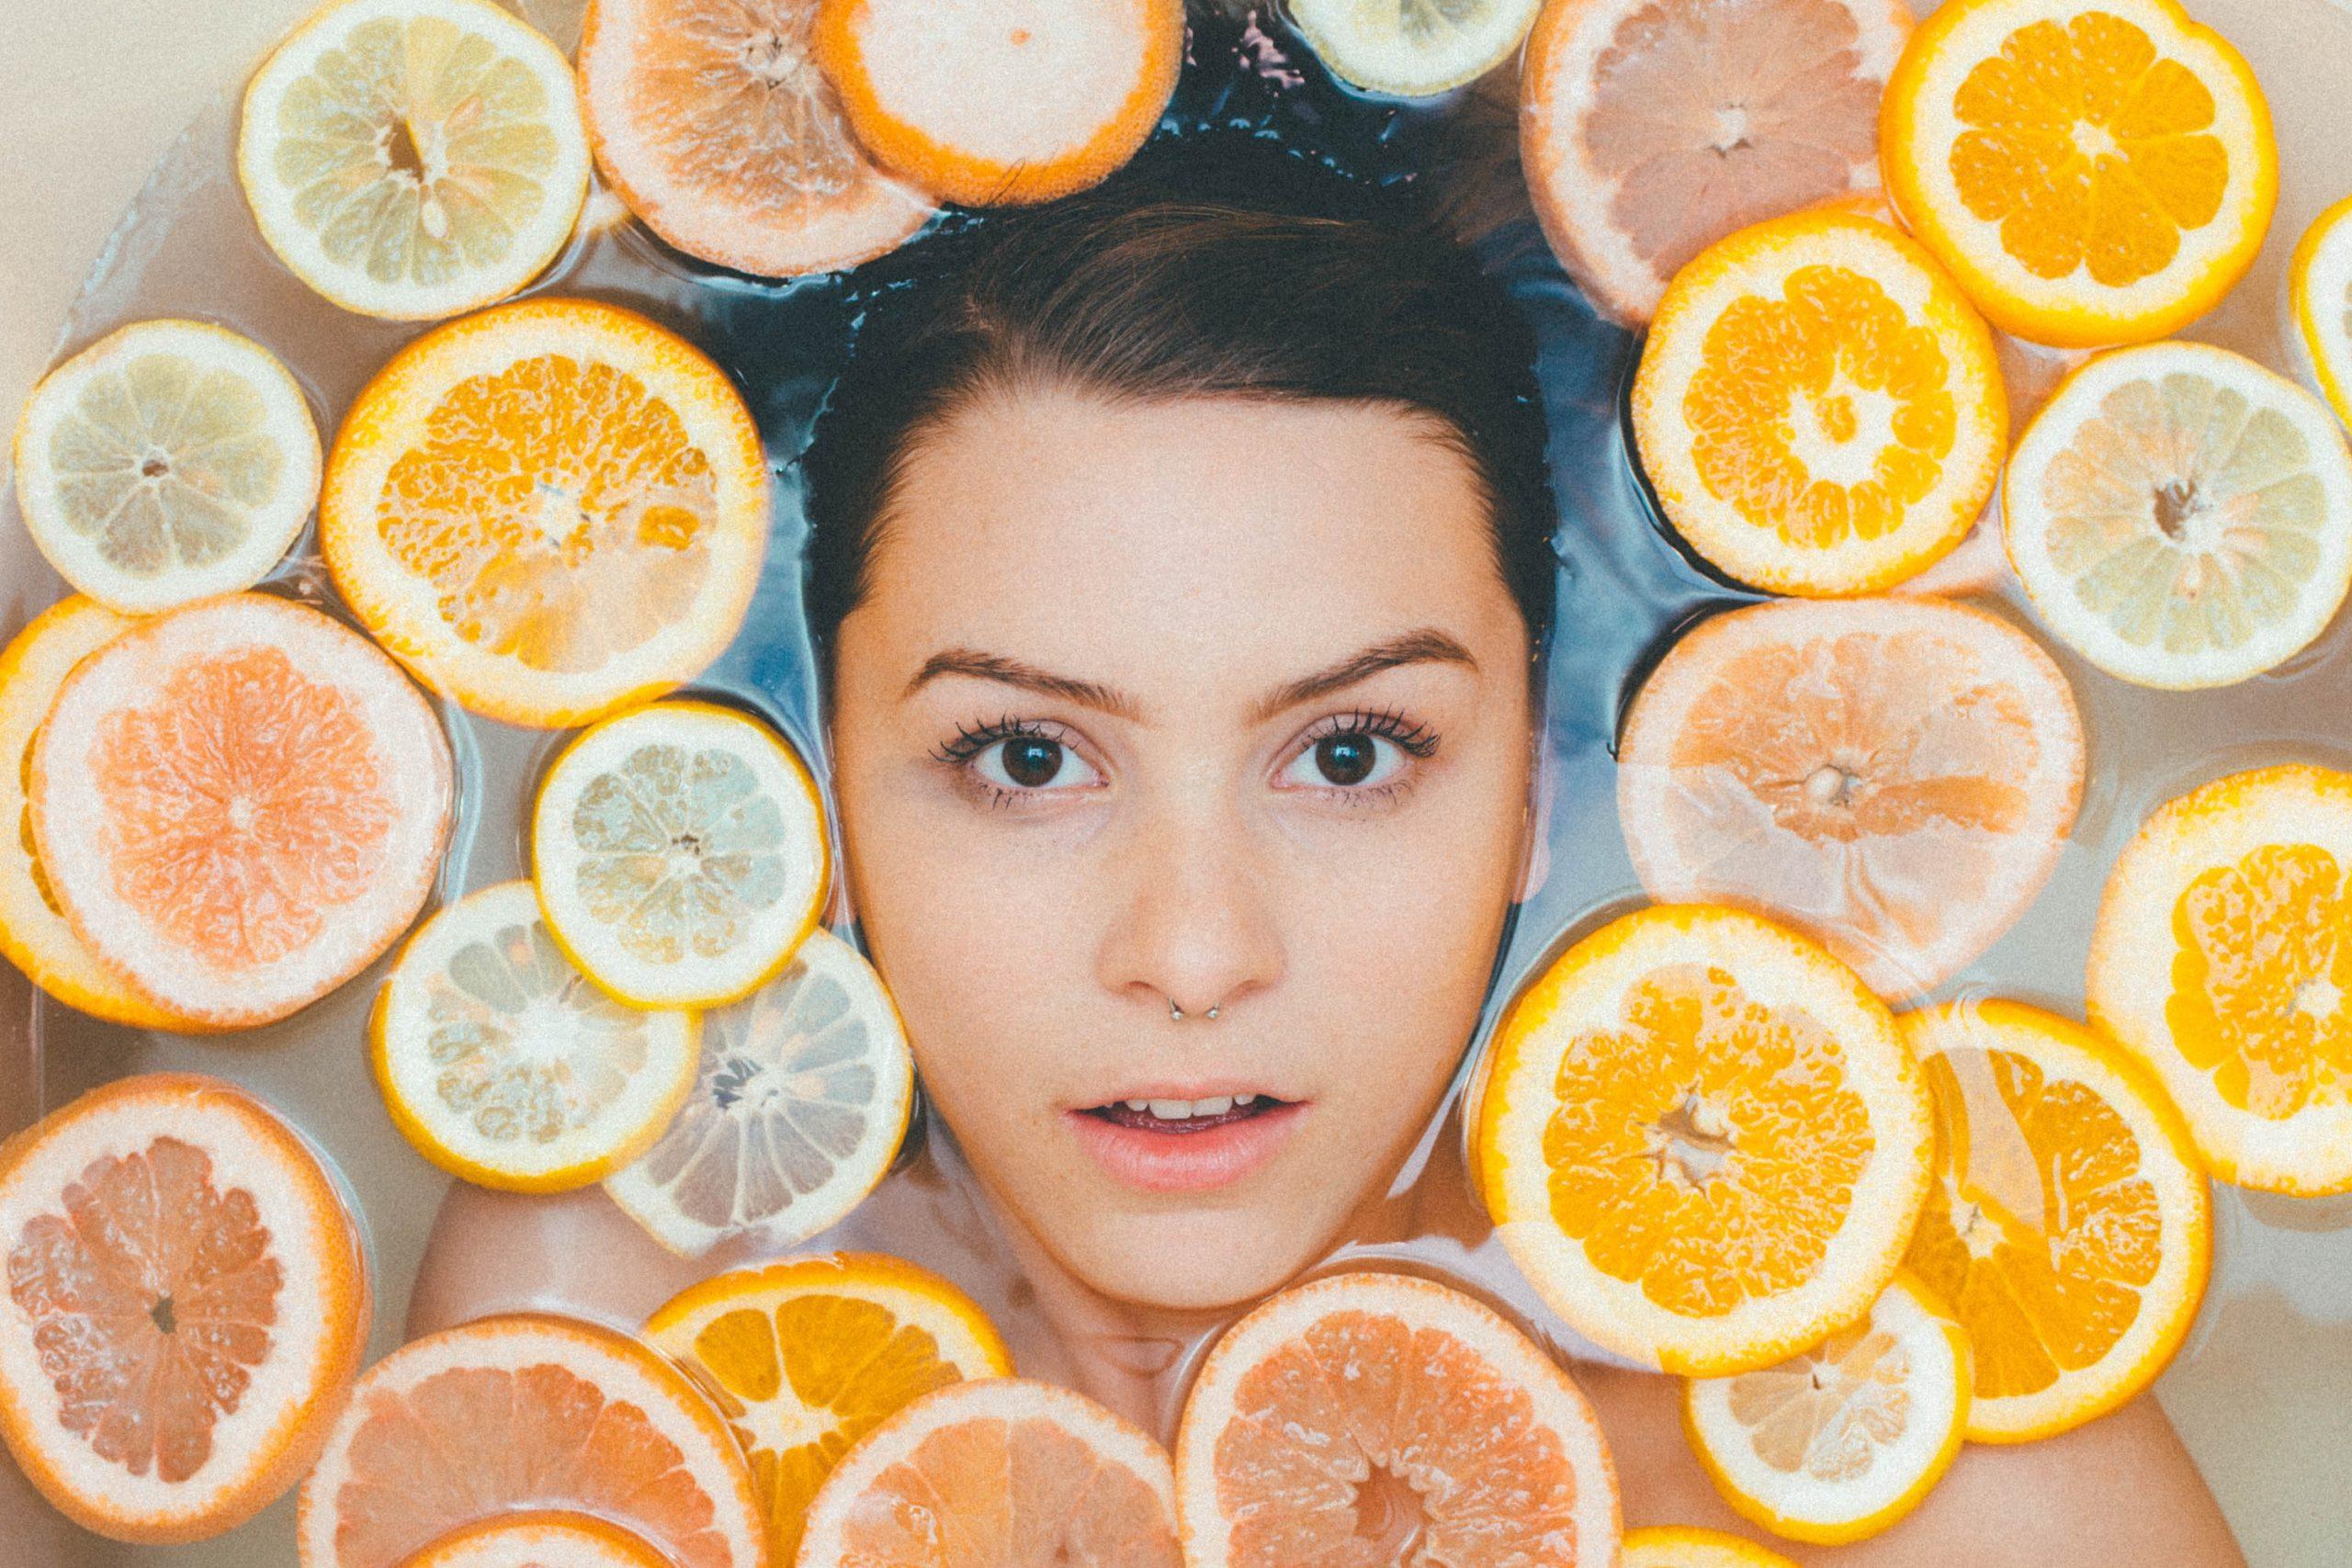 Glava devojke u vodi pored kolutova pomorandže